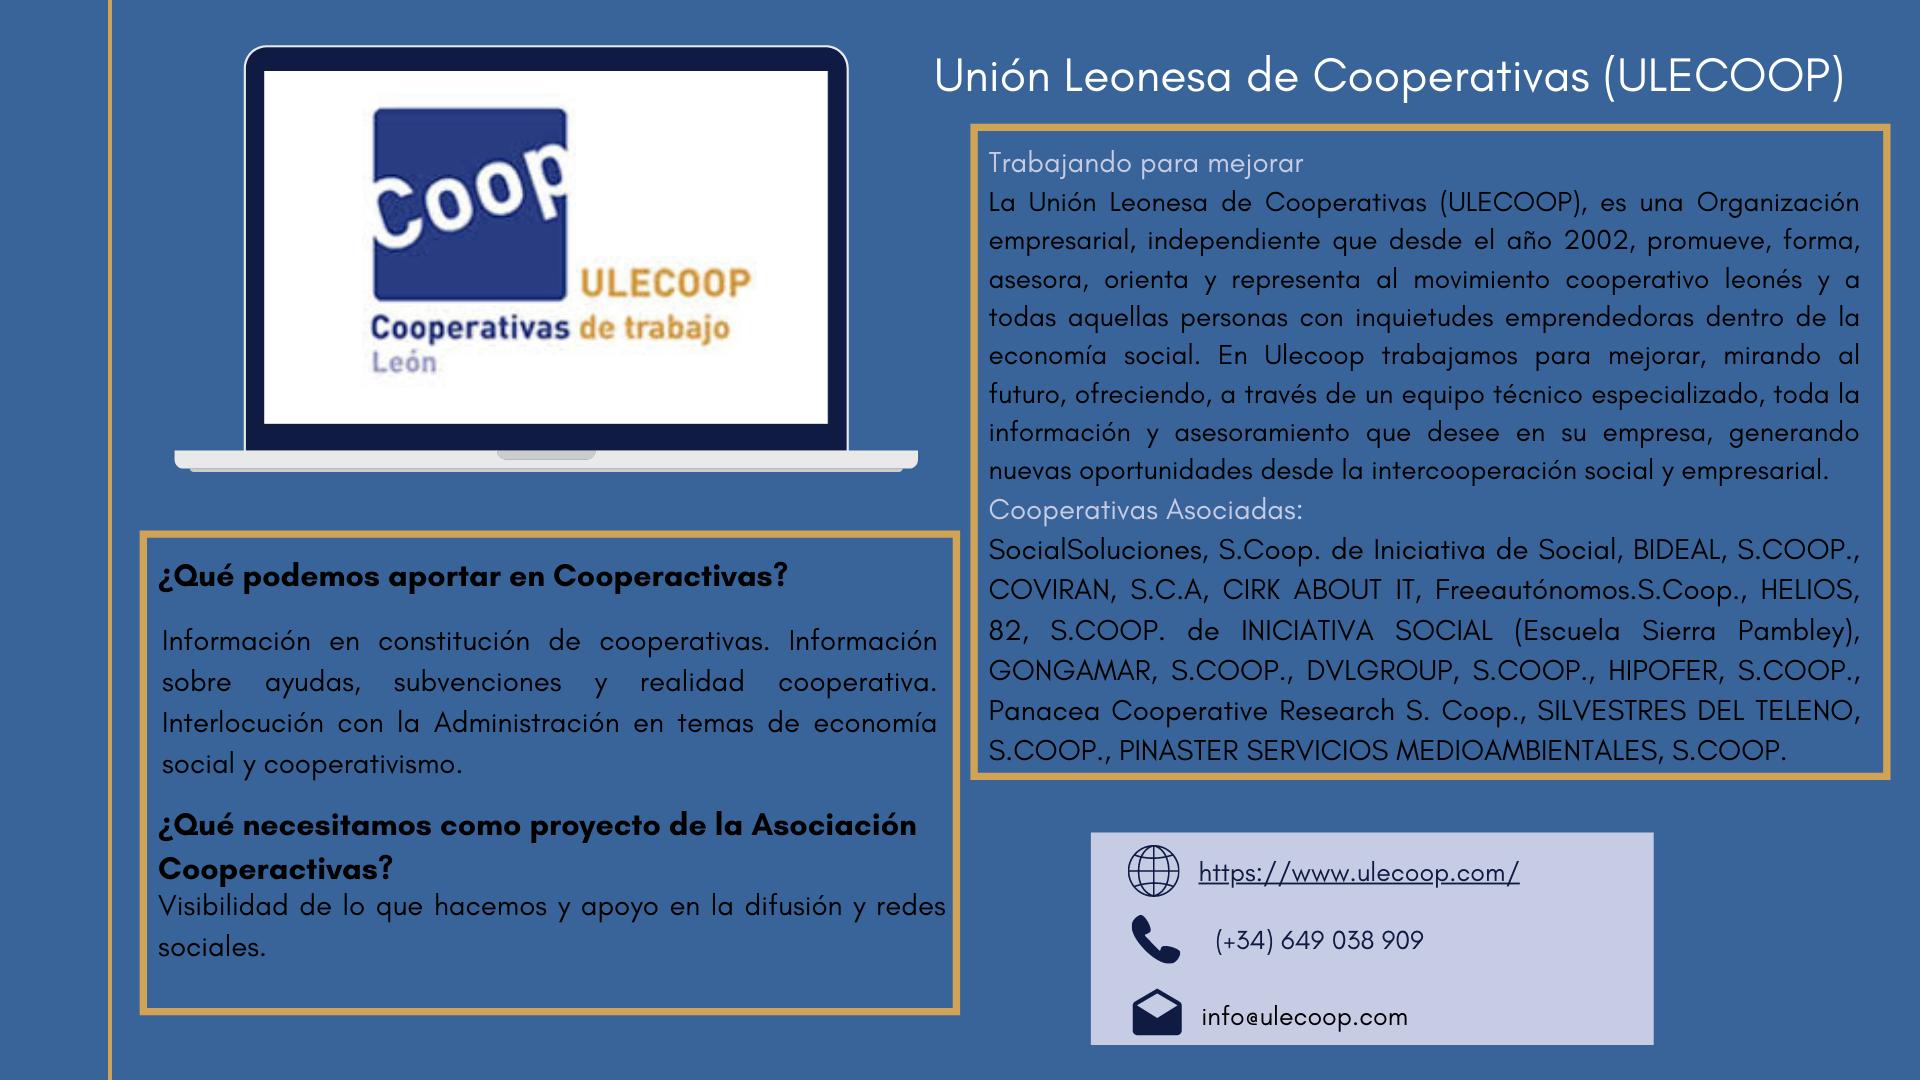 Ulecoop, Unión Leonesa de Cooperativas